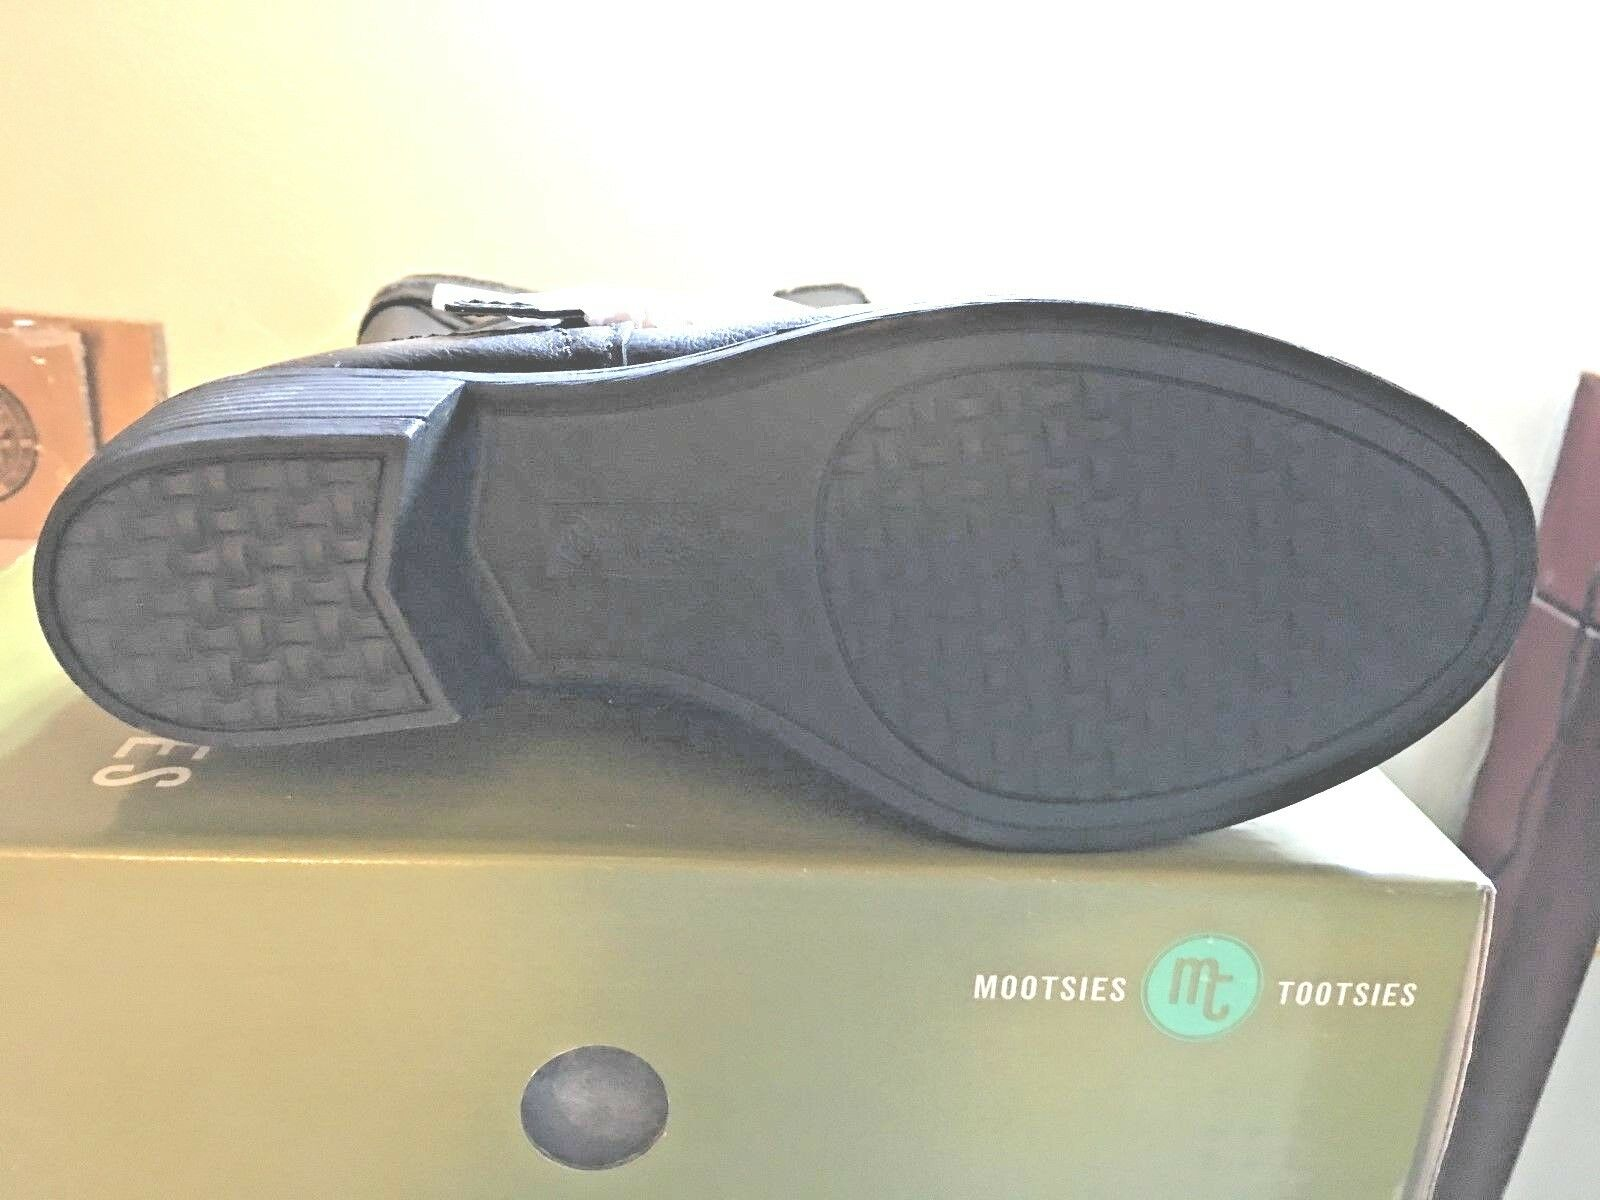 Mootsies Tootsies Ladies Black Knee High Boots Size 7.5 Medium